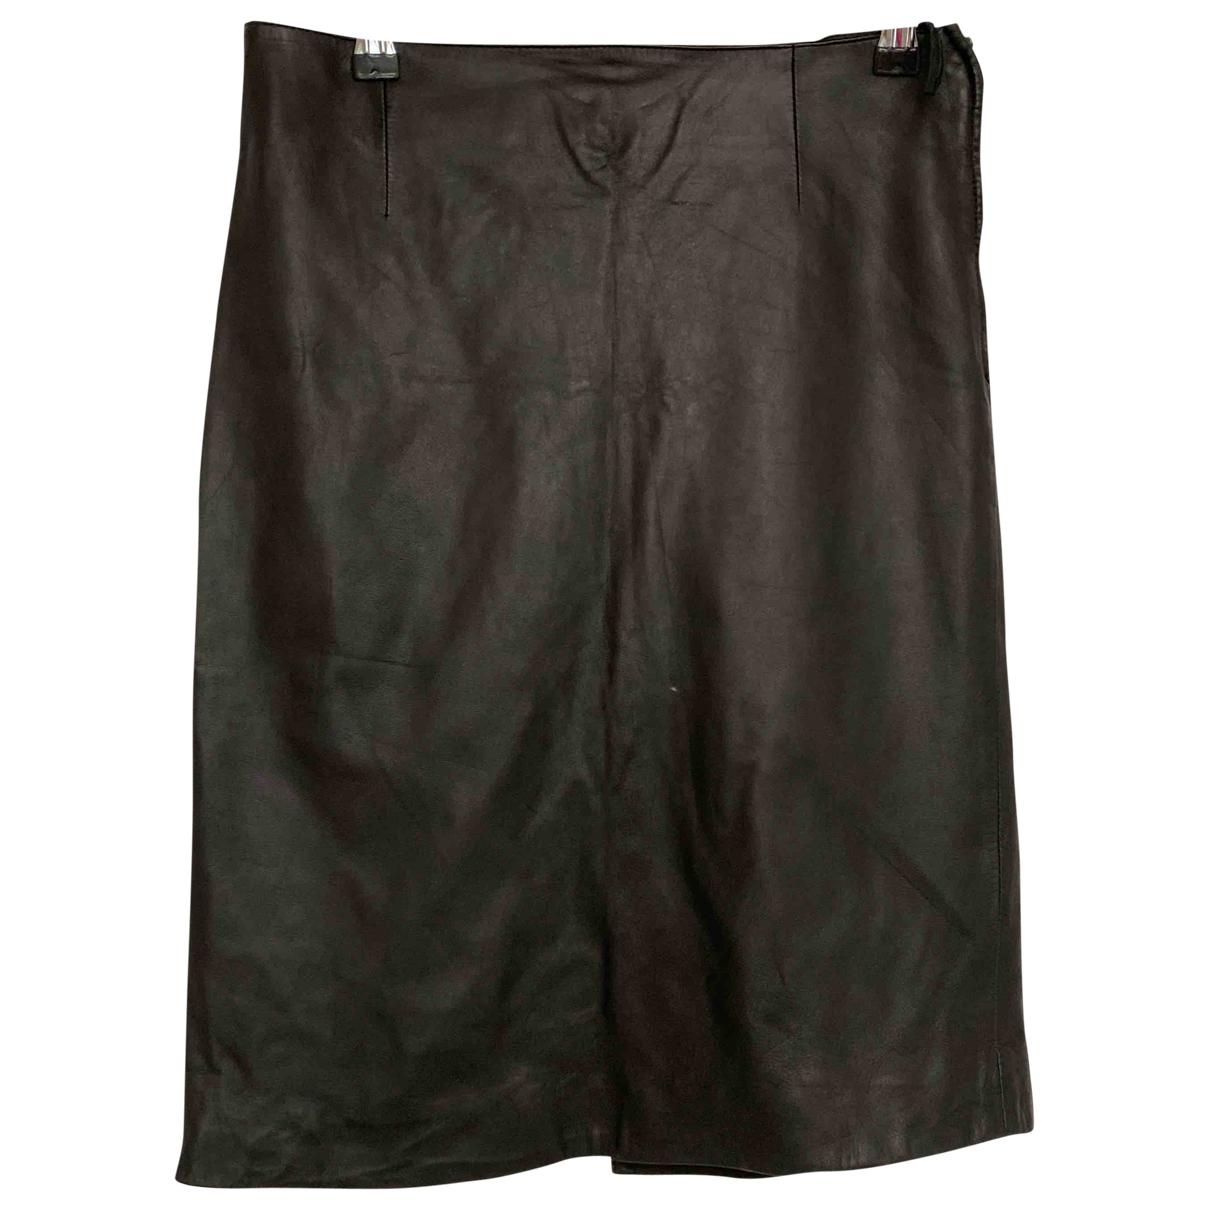 Prada \N Black Leather skirt for Women 40 IT